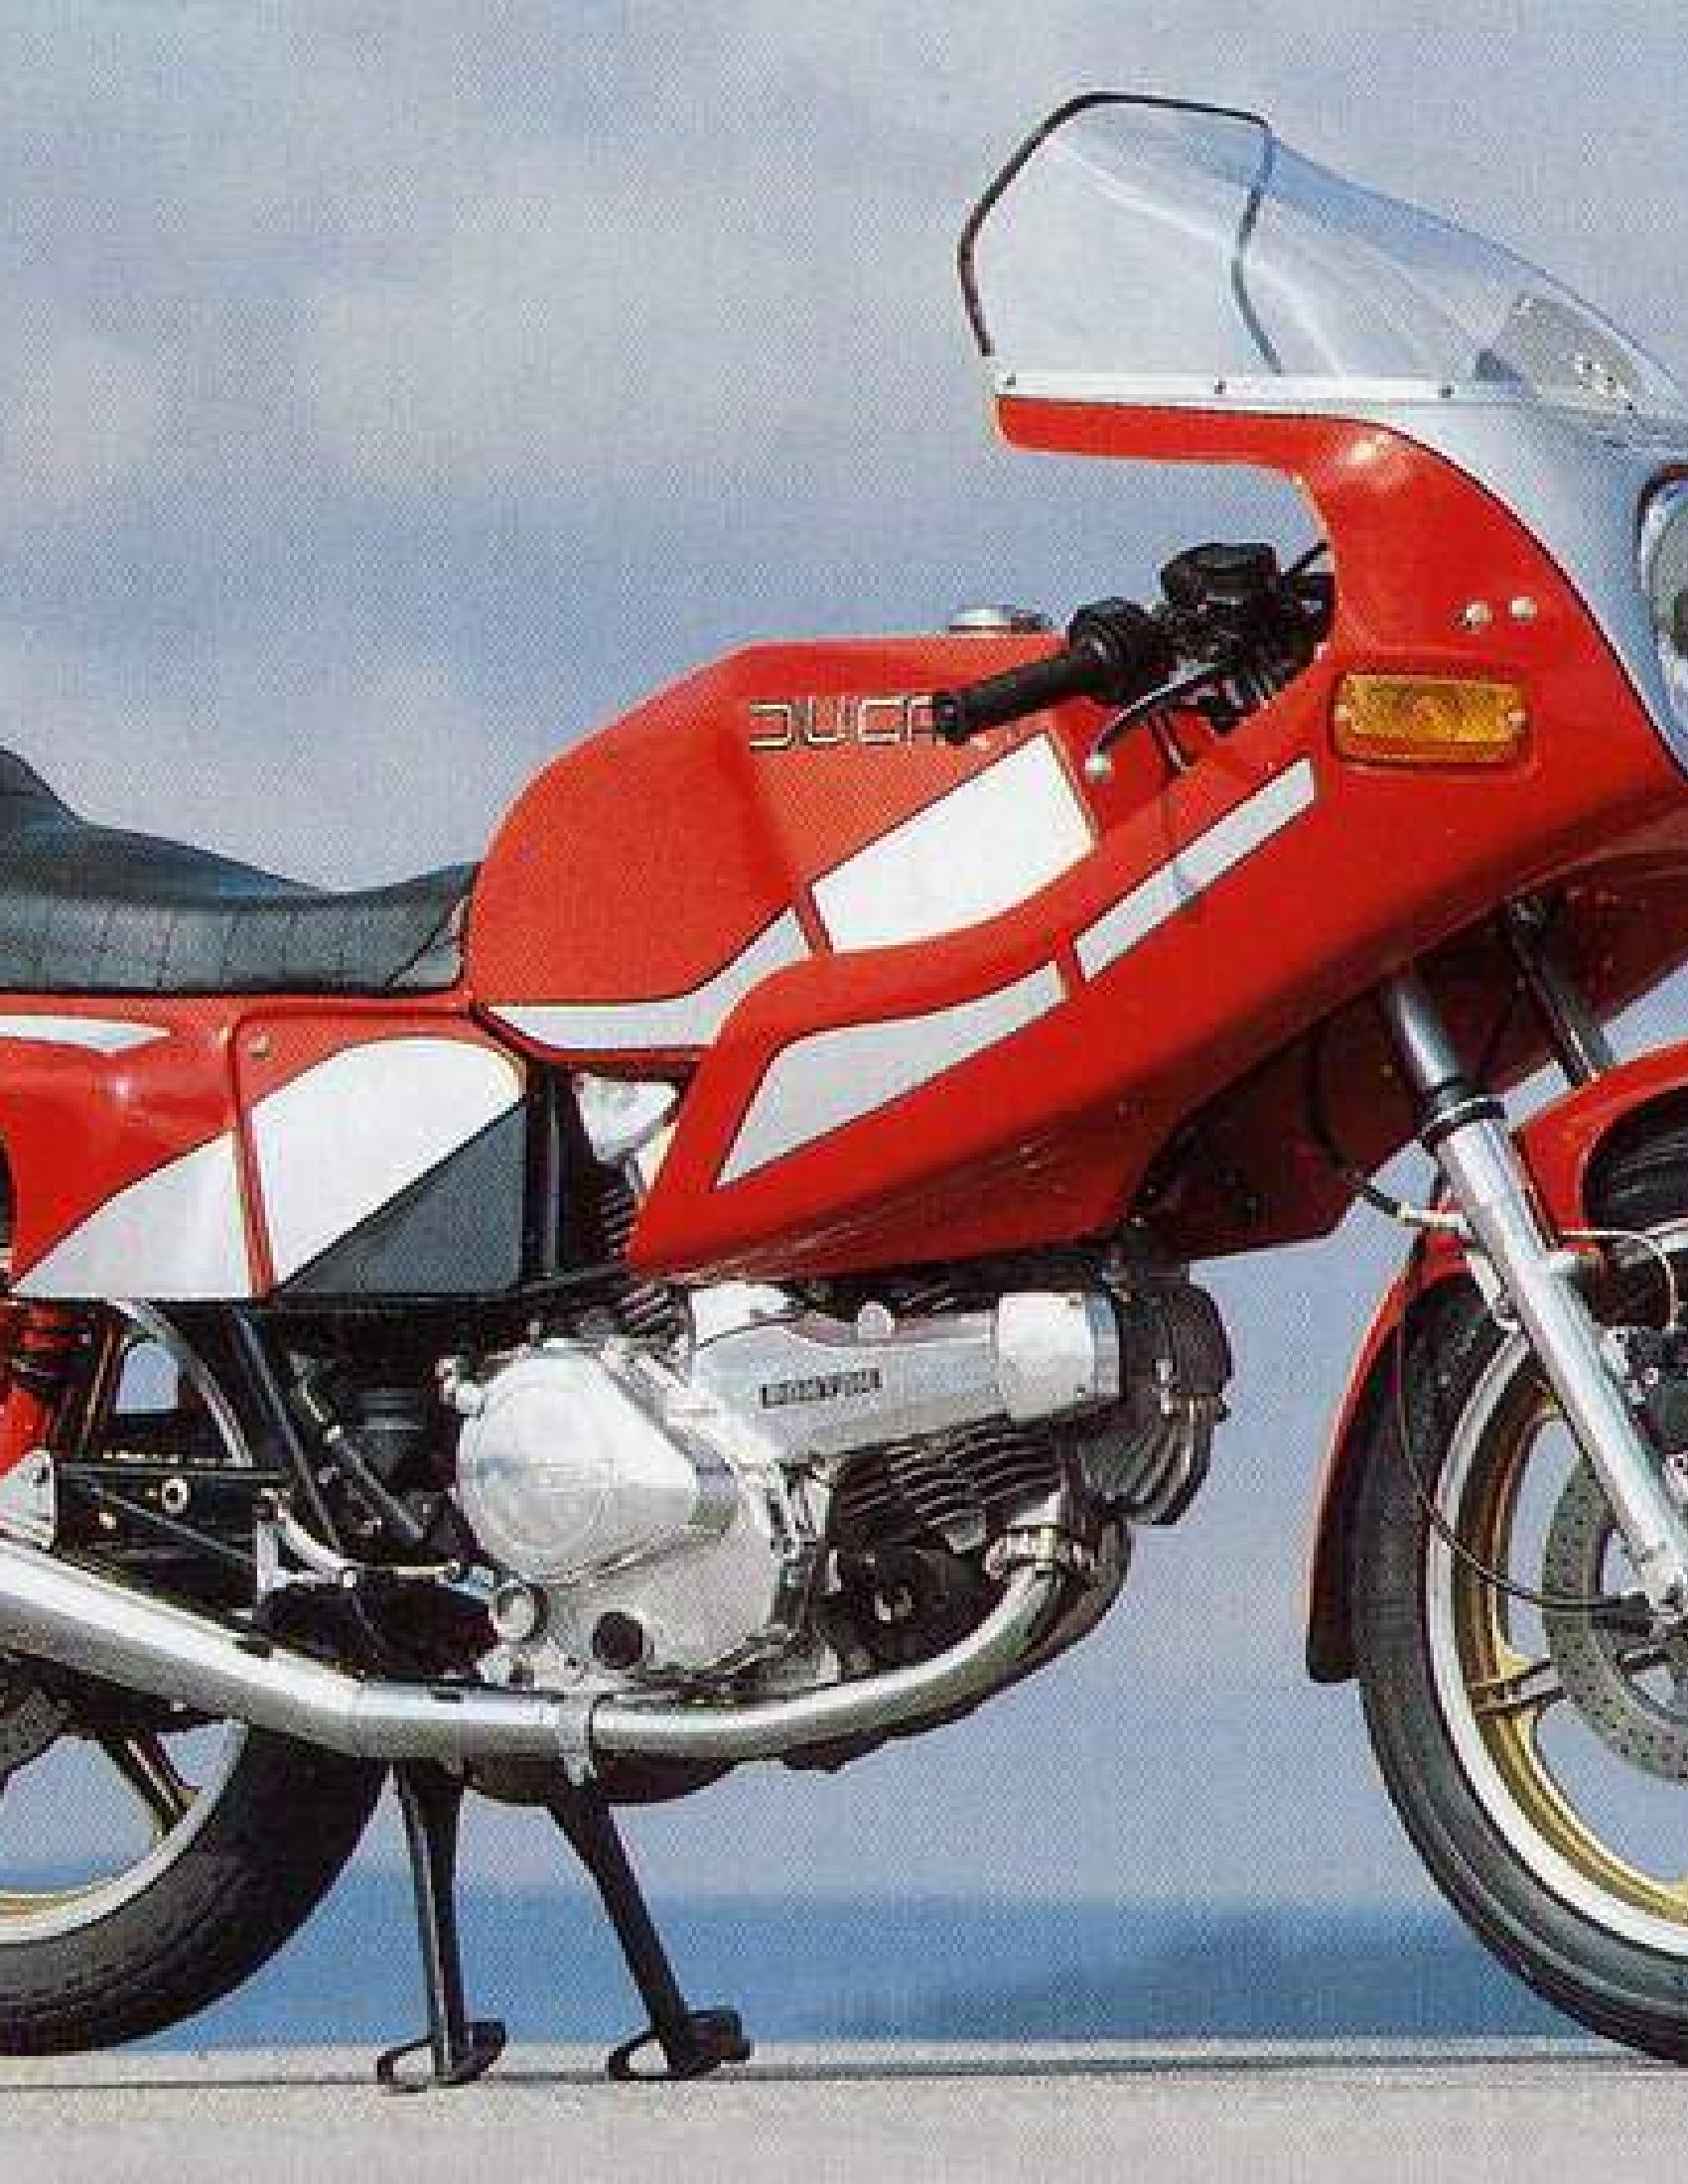 Ducati 500 SL Pantah Motorcycle manual